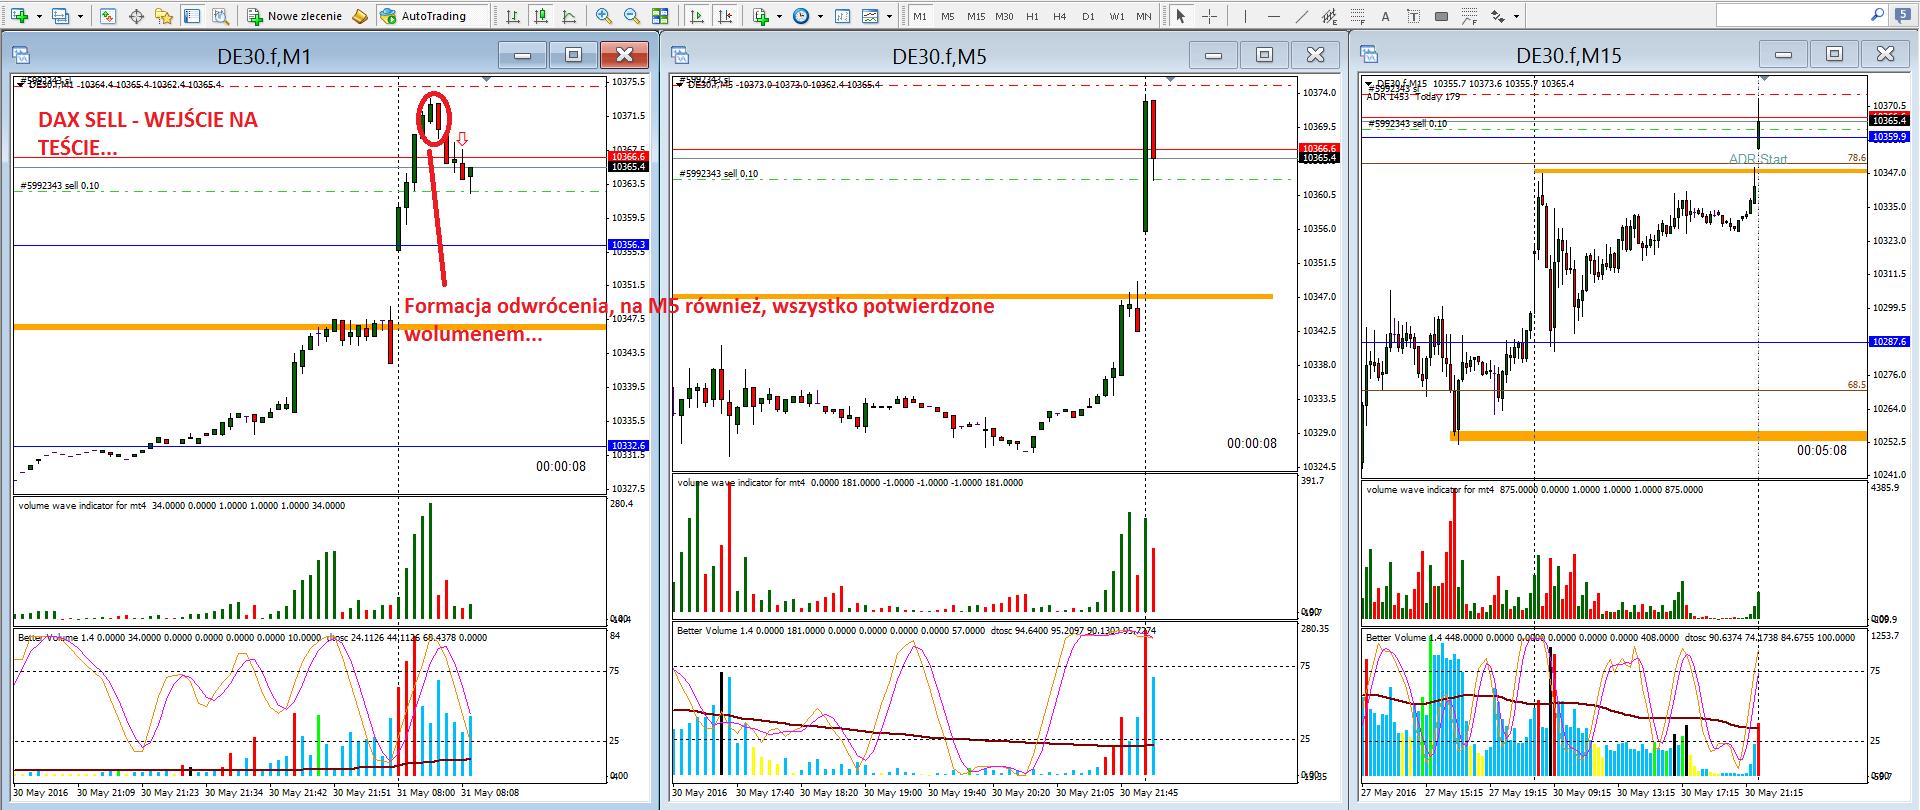 1-renko-scalping na renko-forex-skuteczna strategia-myforex-trader-trading-waluty-dax-prosta strategia tradingowa-broker-sukces-wolumen-vsa-świece japońskie-trading